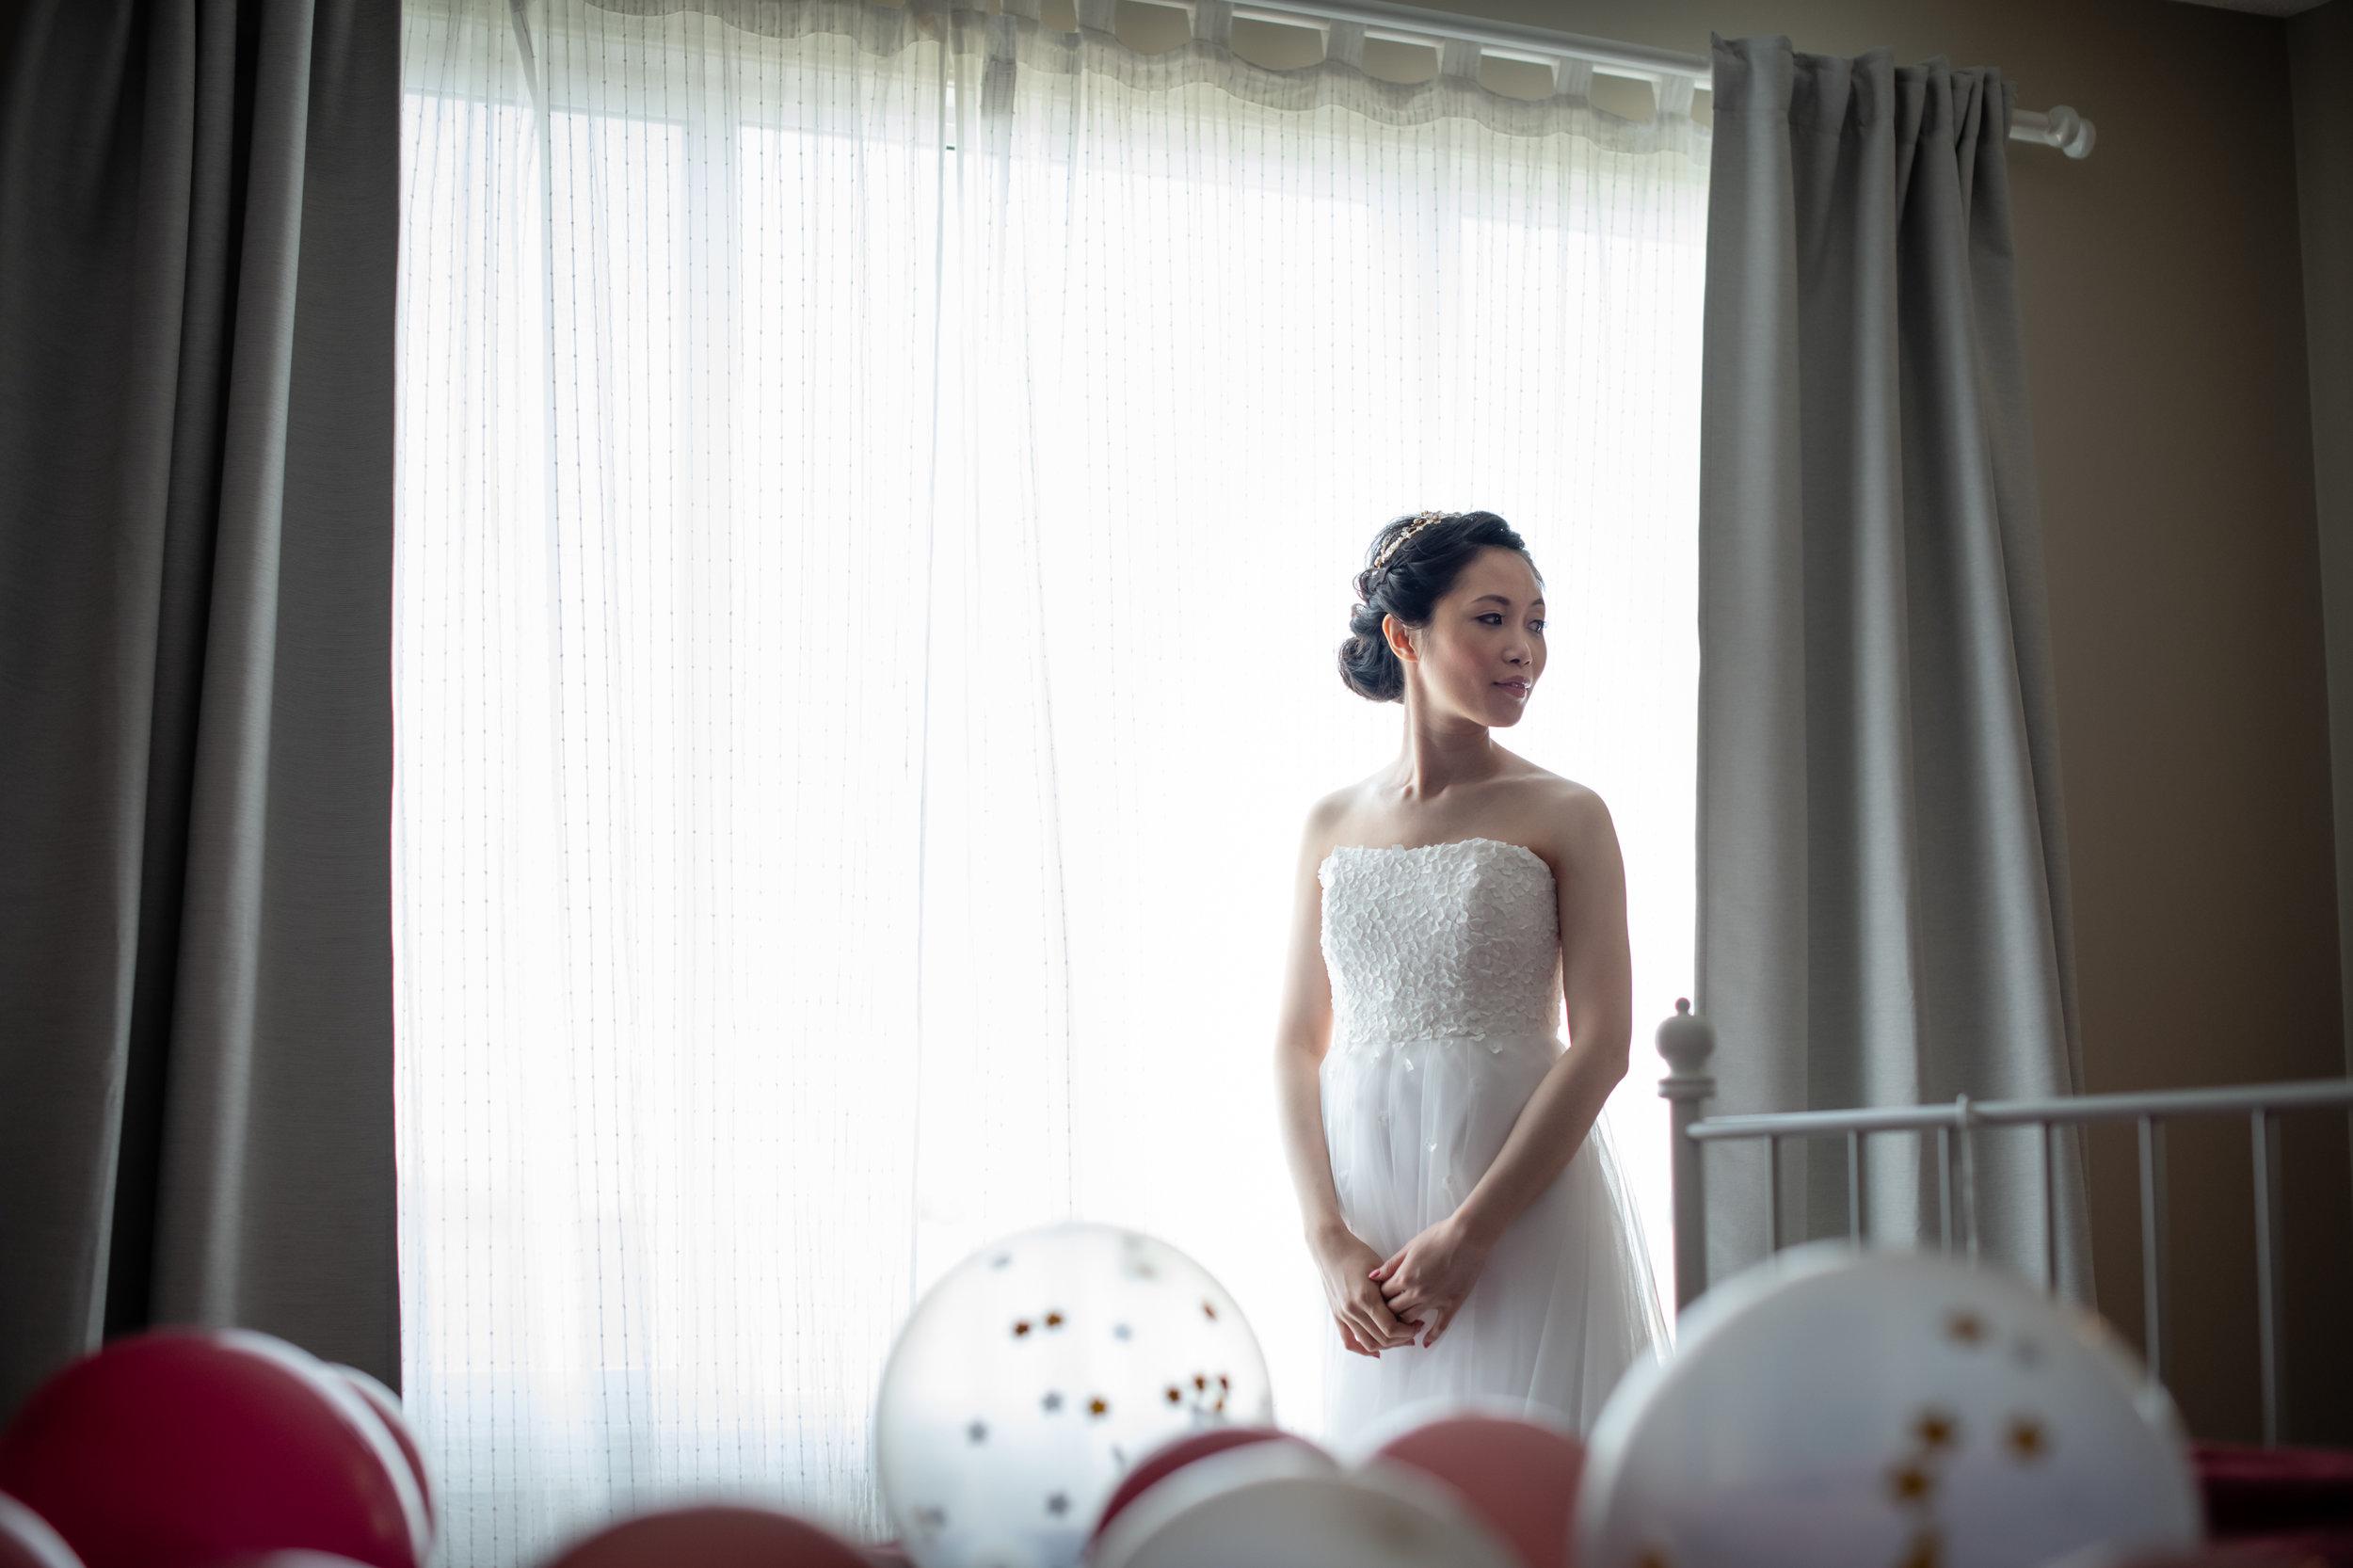 Selina_Chris_Wedding_Sneak_Peek_016.jpg